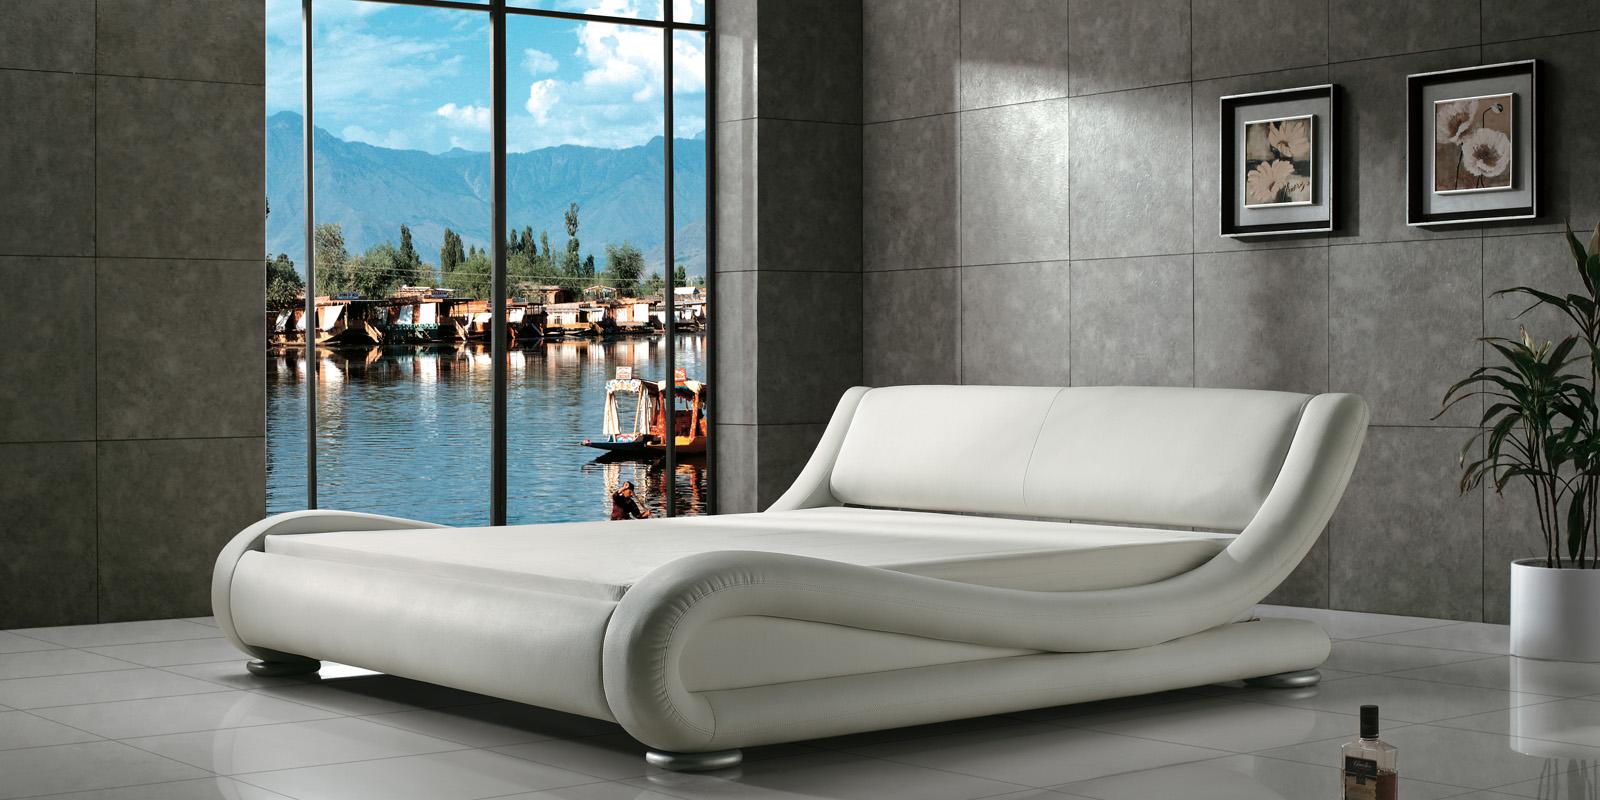 Мягкая кровать 200х140 AY-203 с ортопедическим основанием (белый)